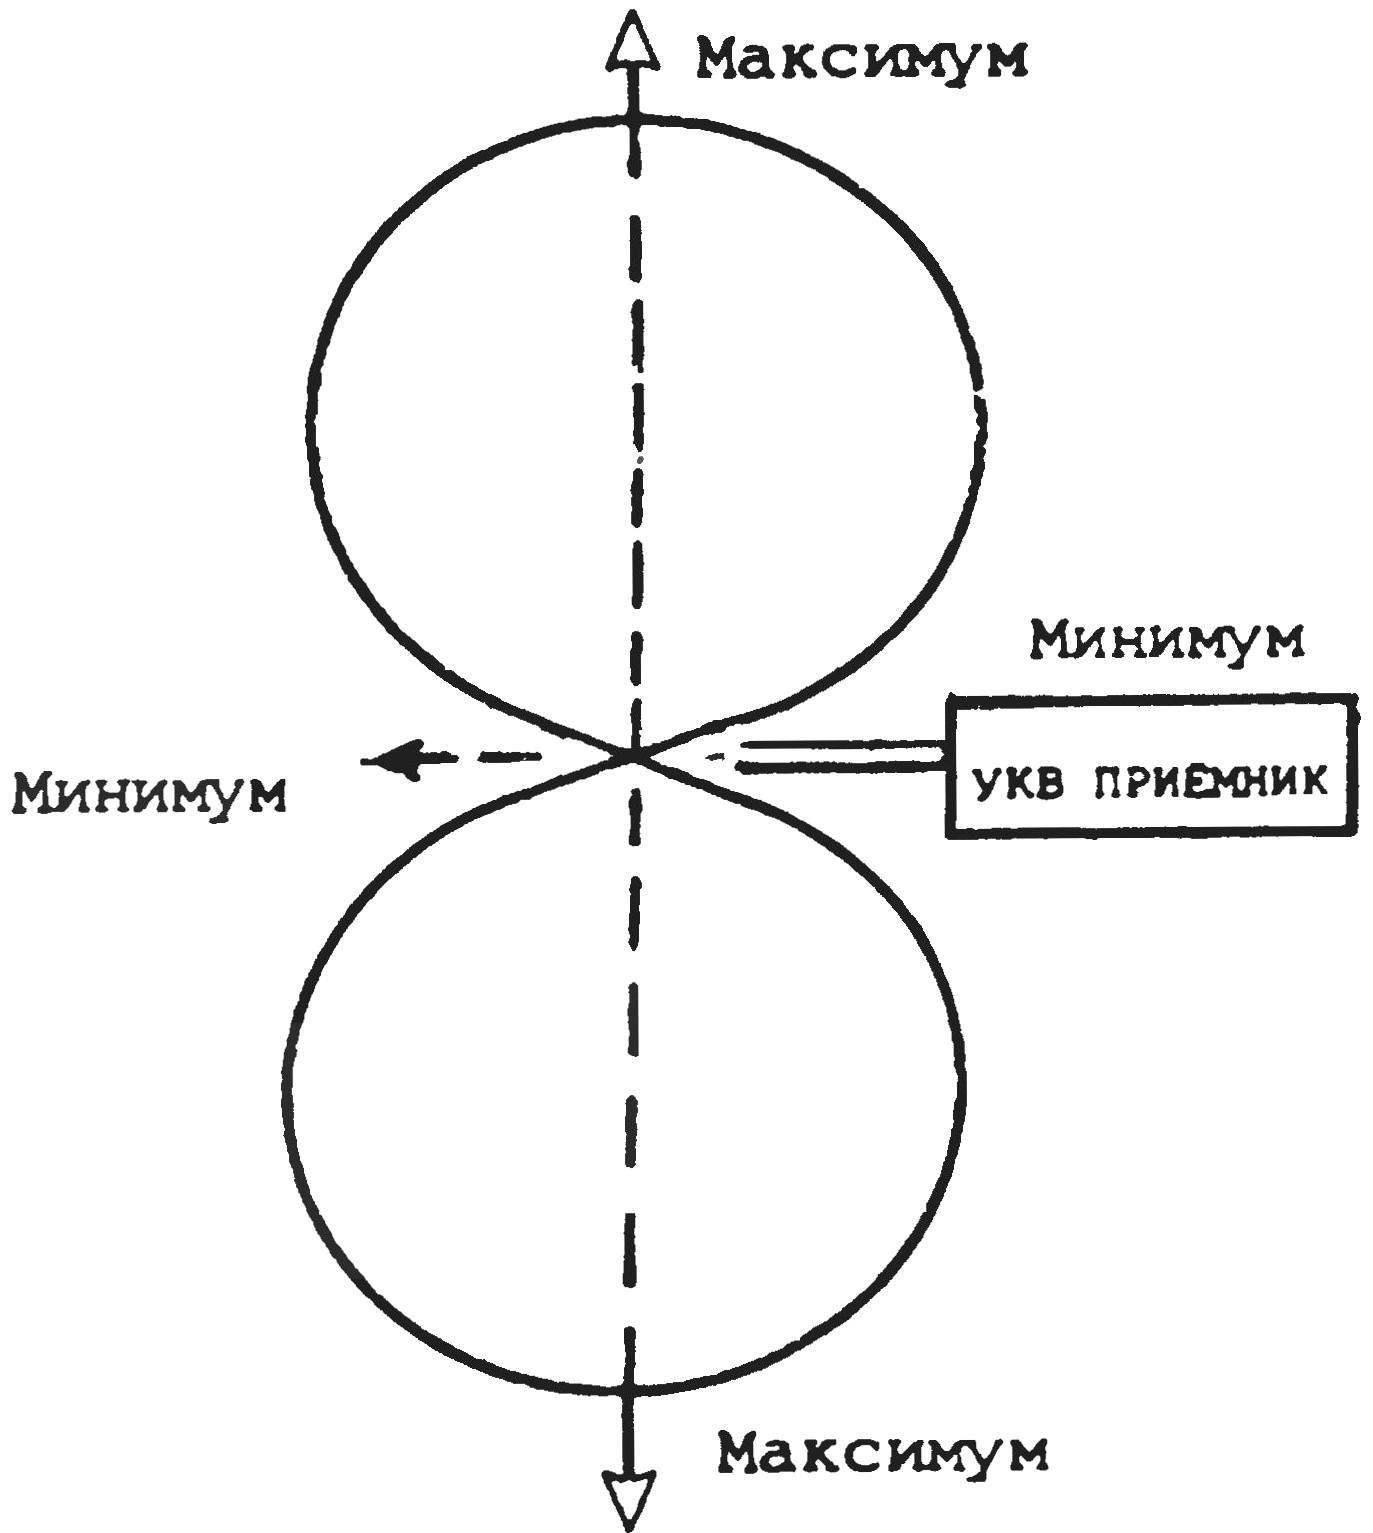 Принцип пеленга (слышимость сигнала радиомаячка — по максимуму или минимуму диаграммы направленности телескопической антенны УКВ приемника)